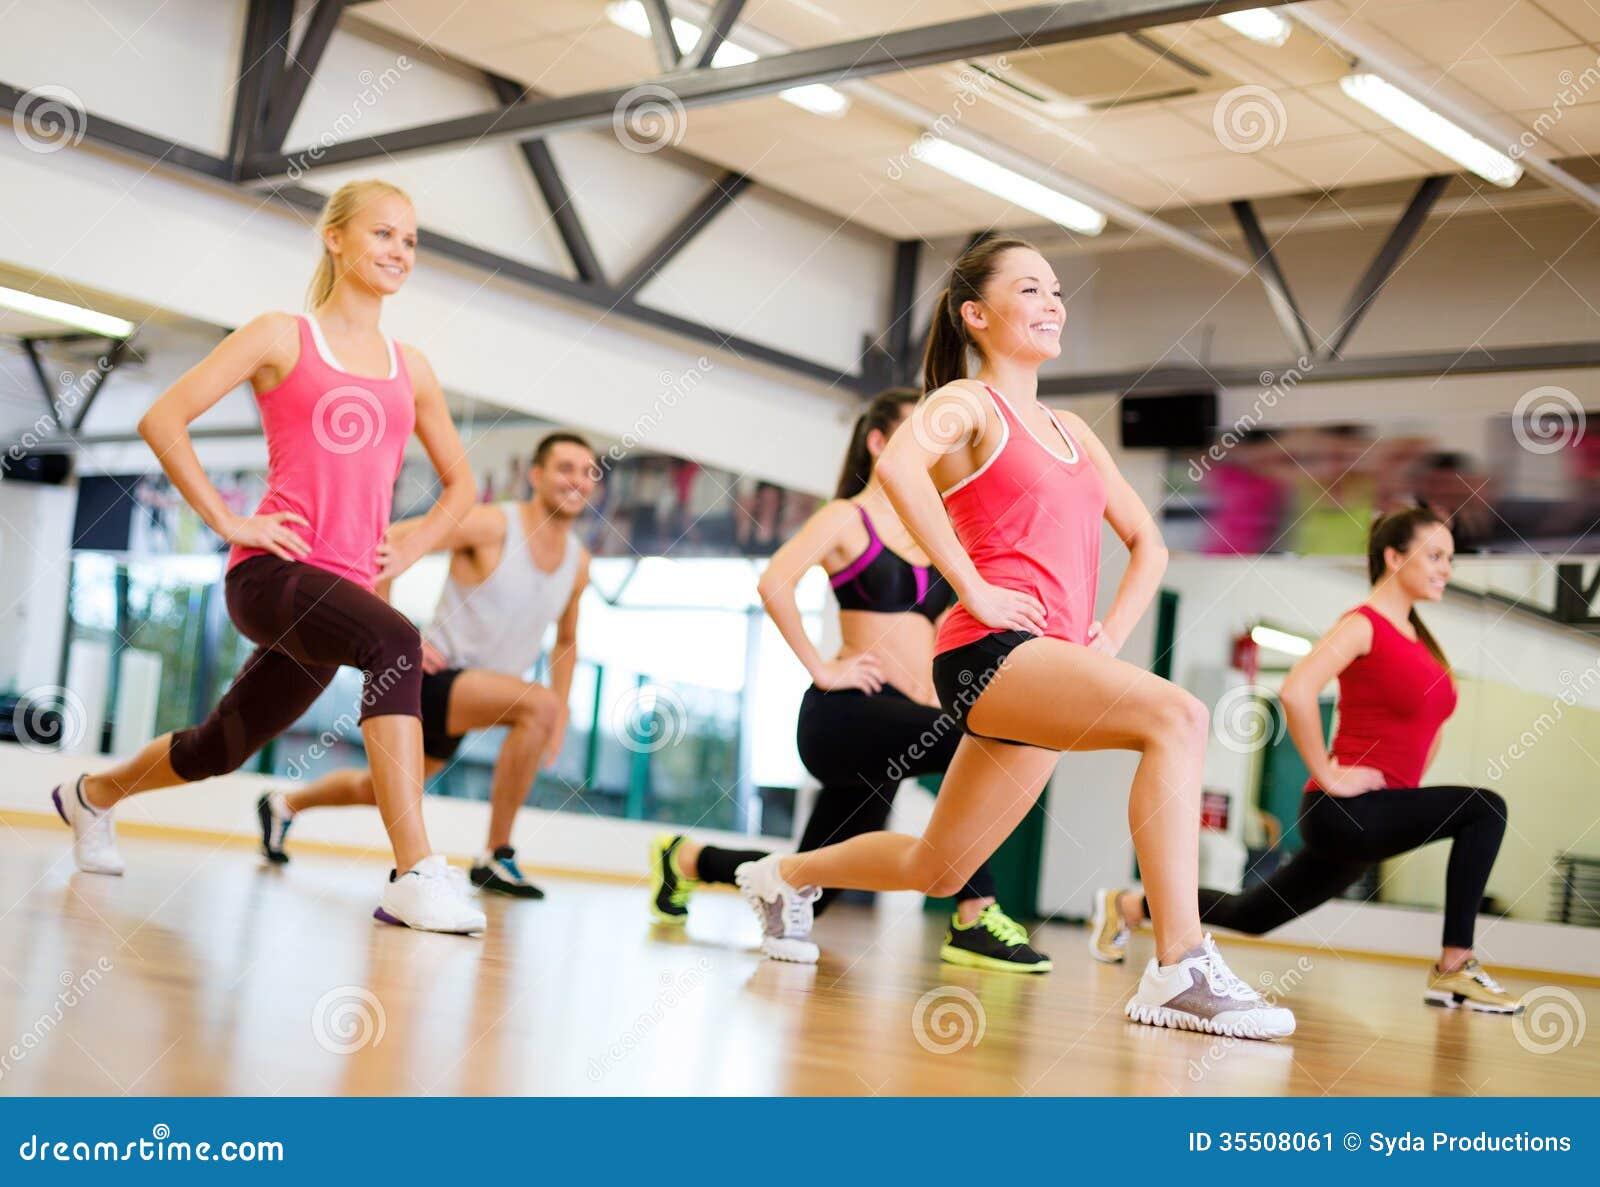 Ομάδα χαμογελώντας ανθρώπων που ασκούν στη γυμναστική